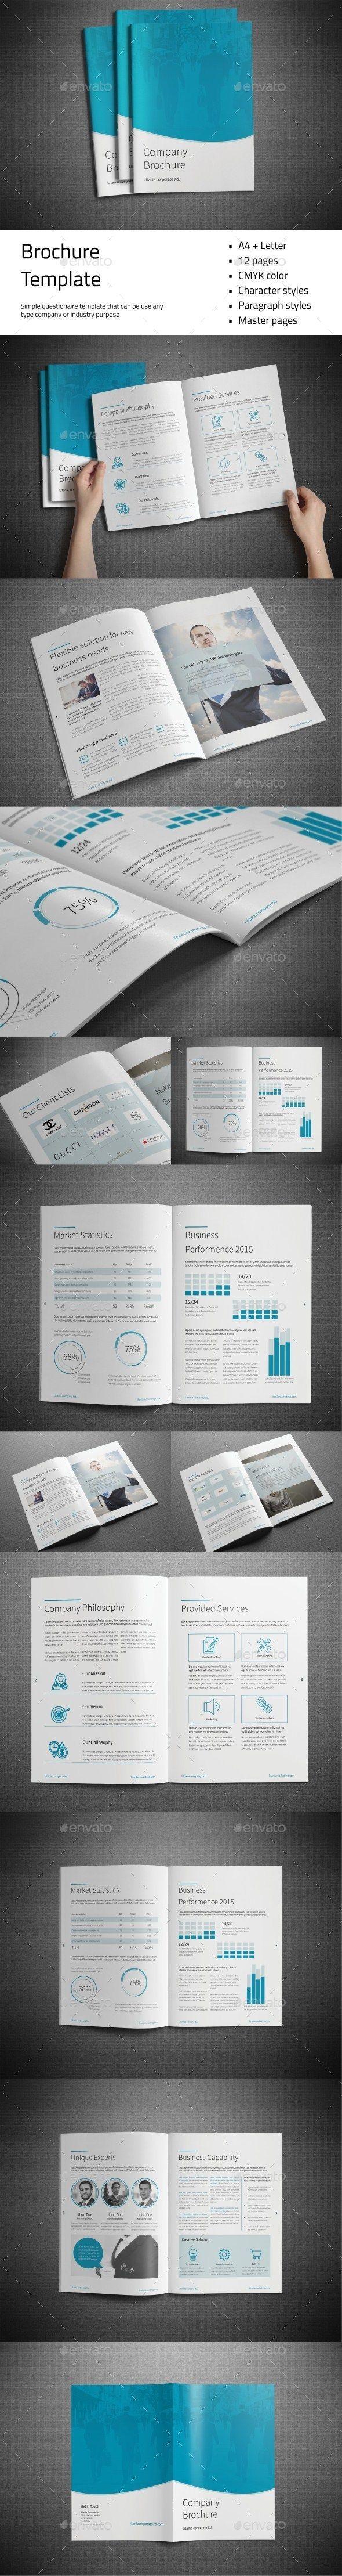 11 best presentation folder design images on Pinterest | Folder ...